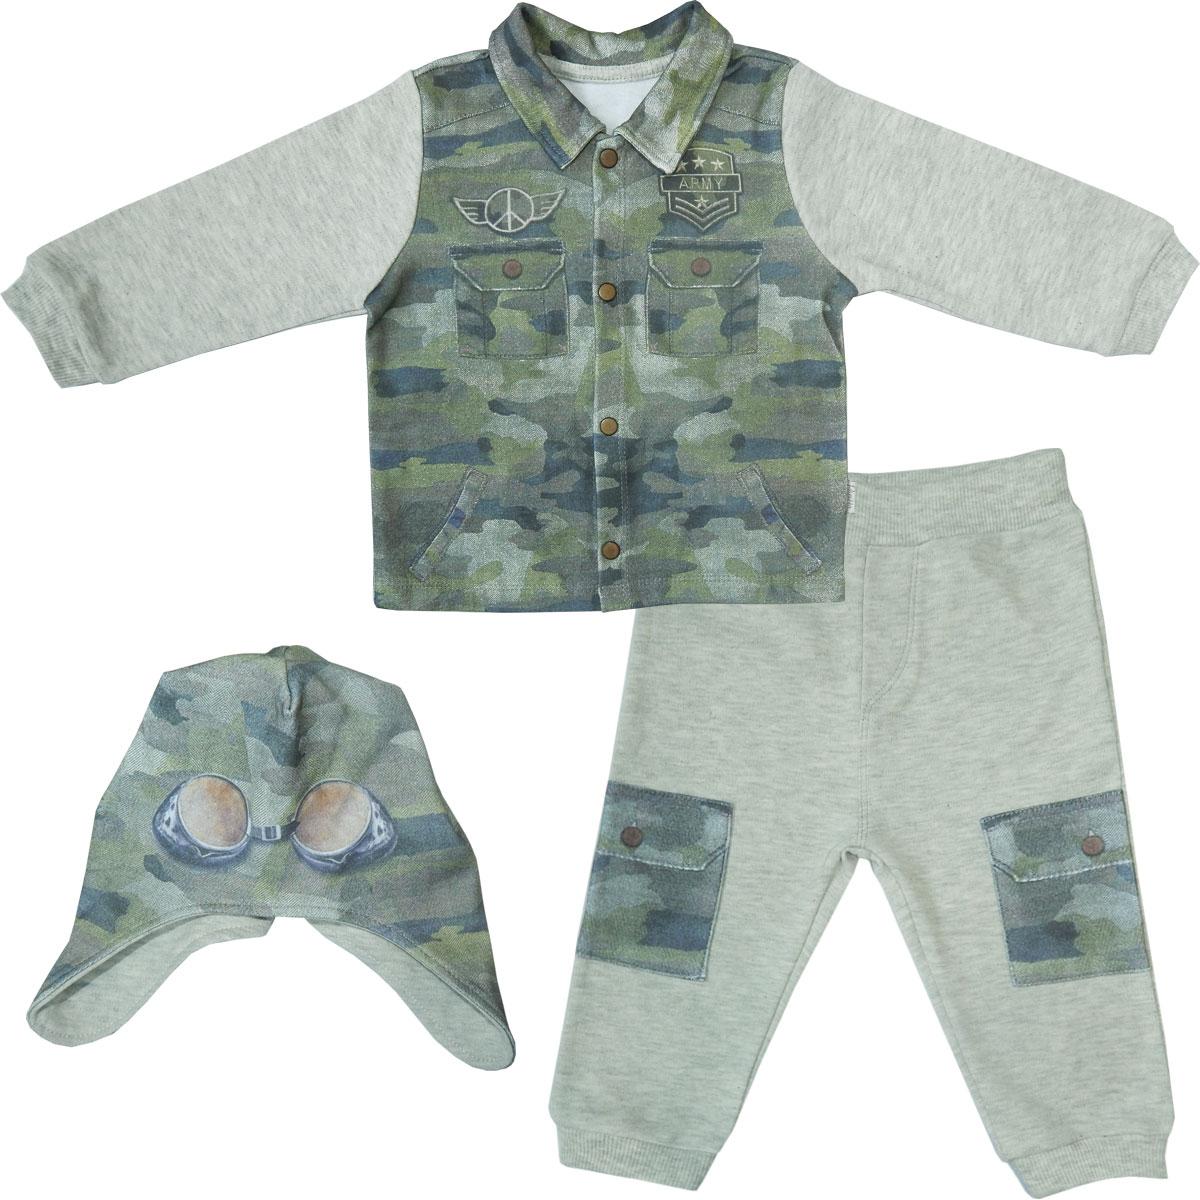 Комплект 3 пр. Папитто для мальчика Fashion Jeans 585-05 р.24-80